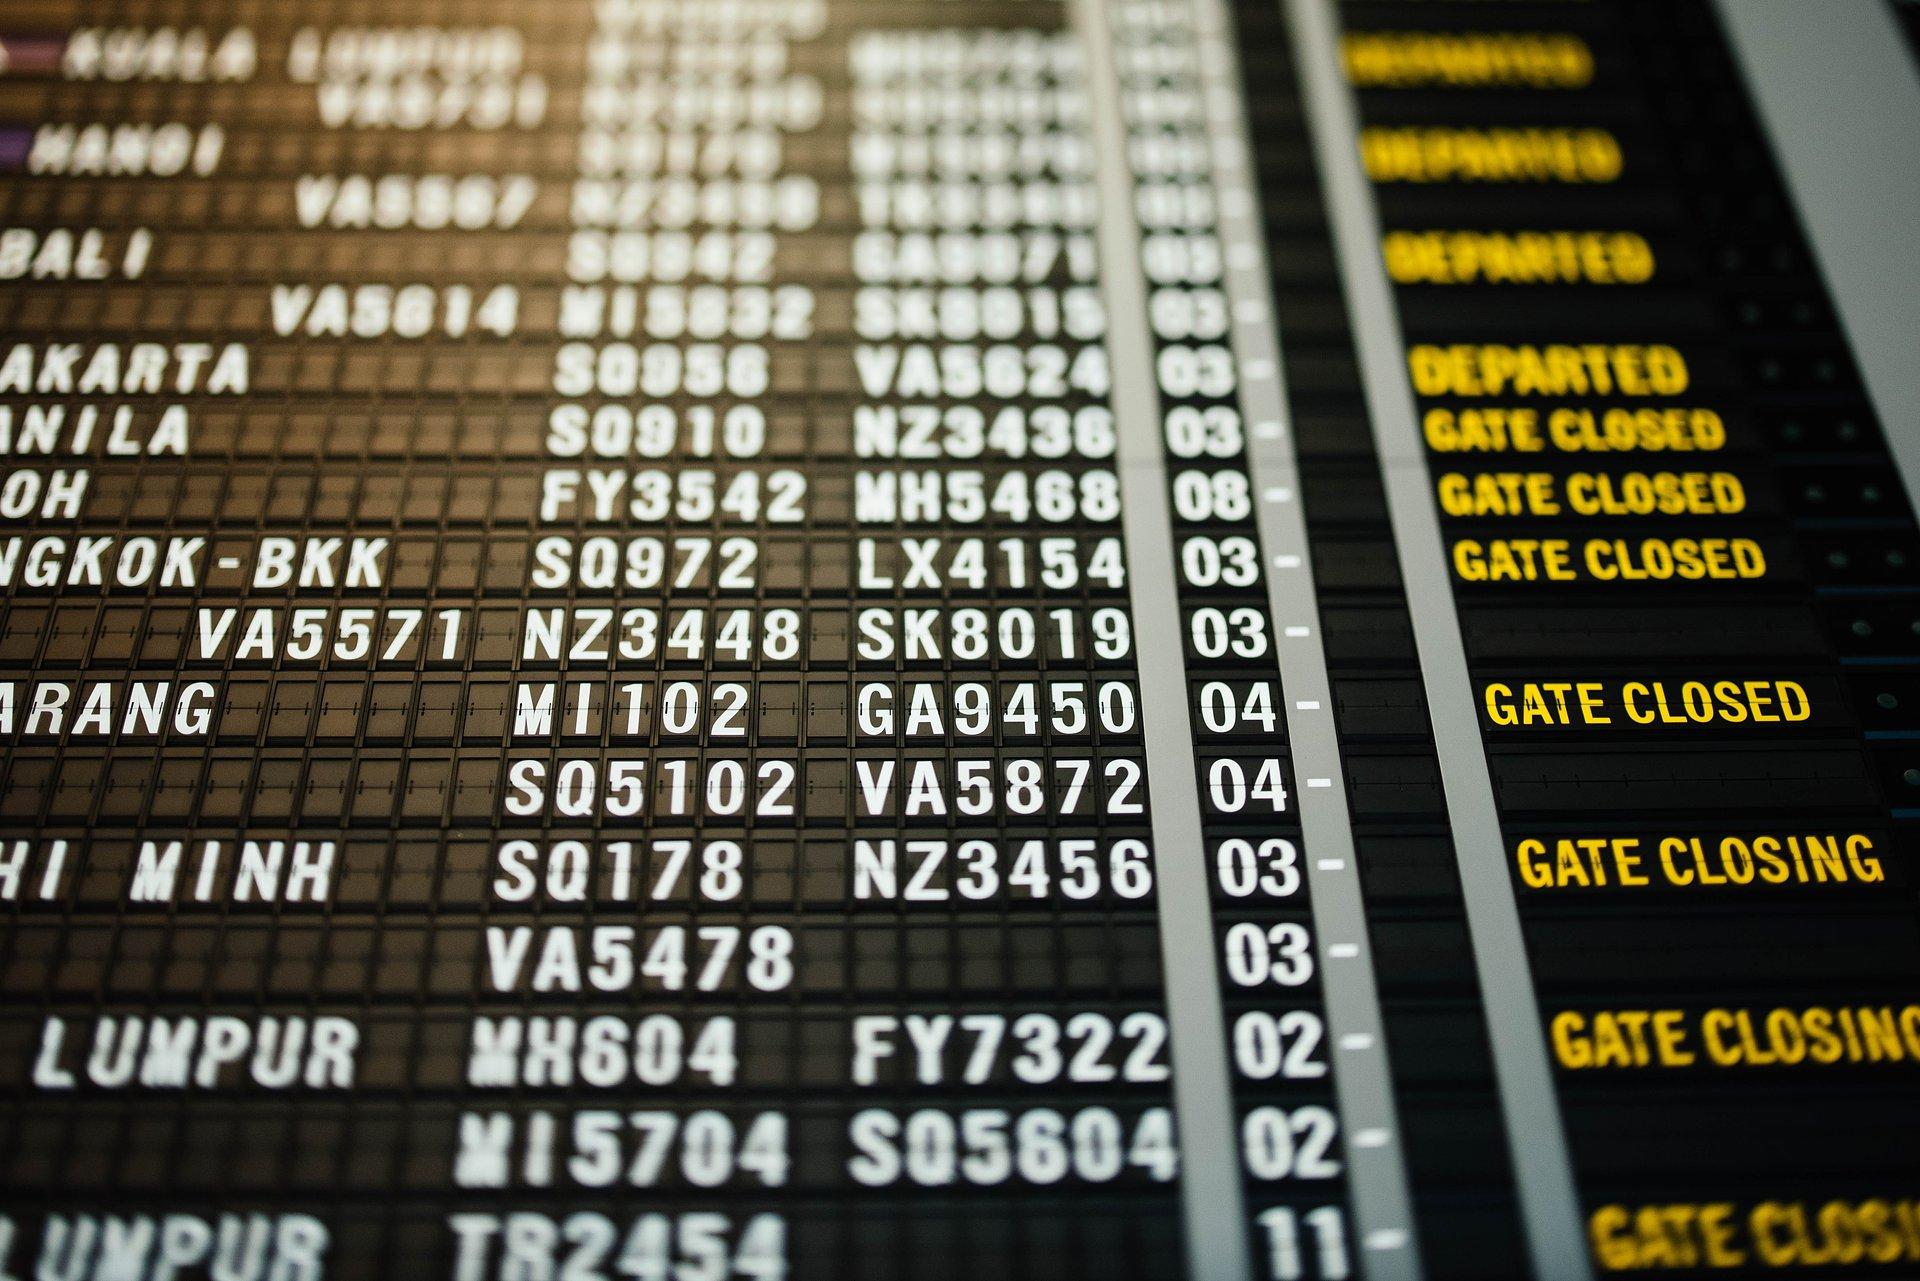 Jak wykorzystać nowoczesne technologie analityczne w logistyce lotniczej? Sabre pokazuje zmiany w planowaniu rozkładów lotów